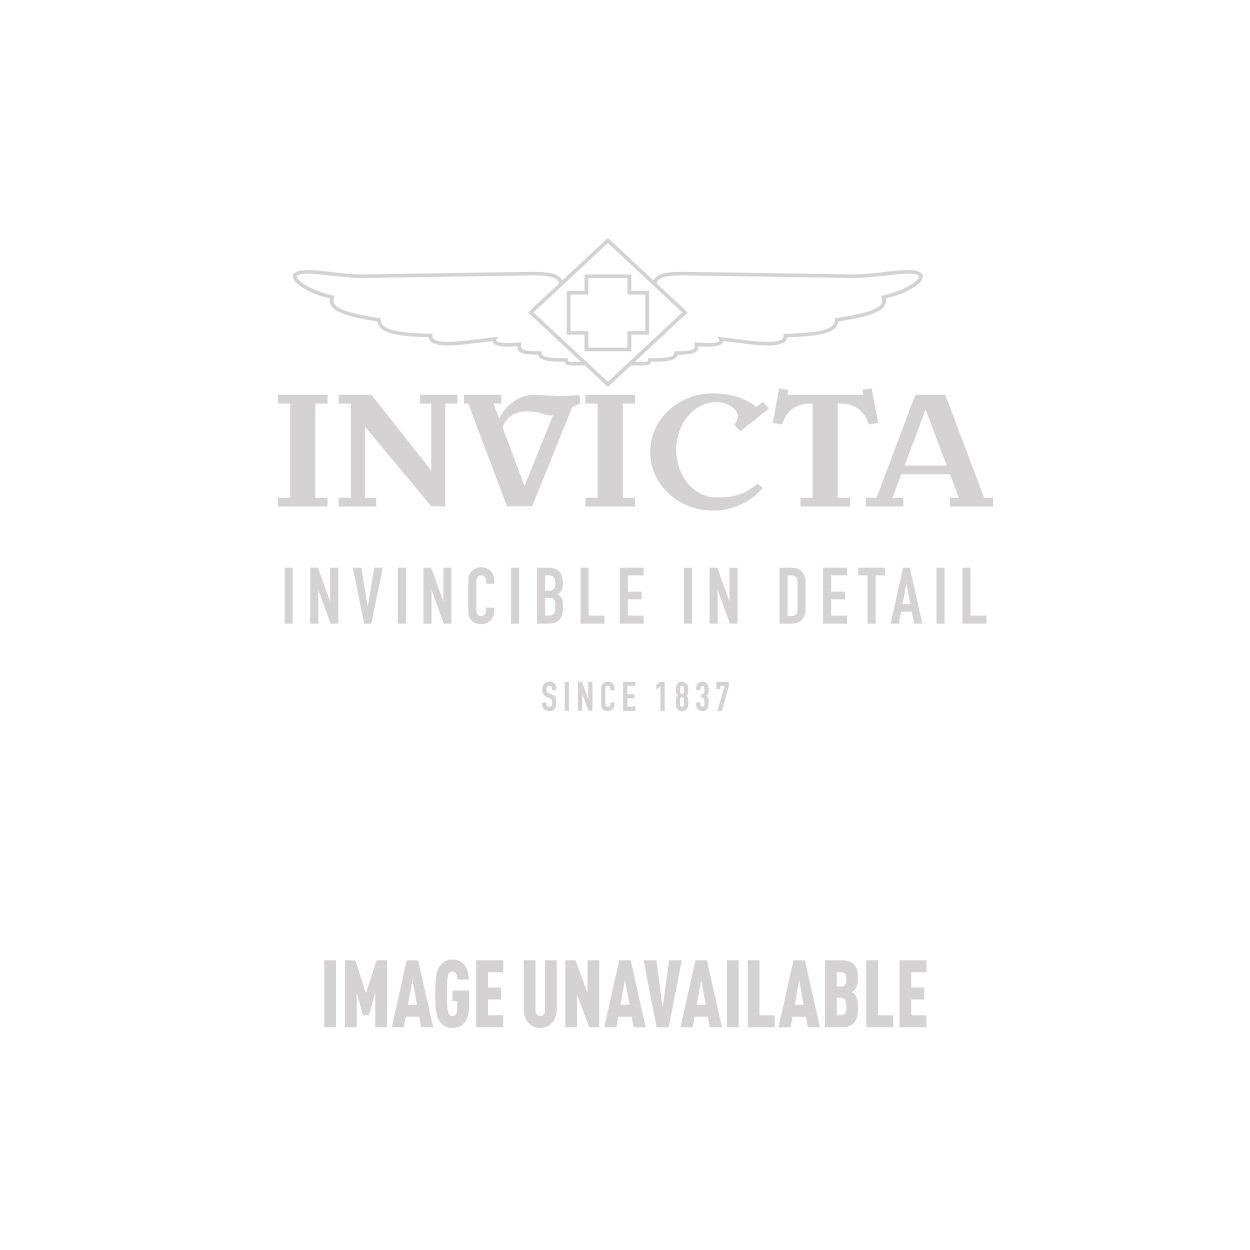 Invicta Model  25414